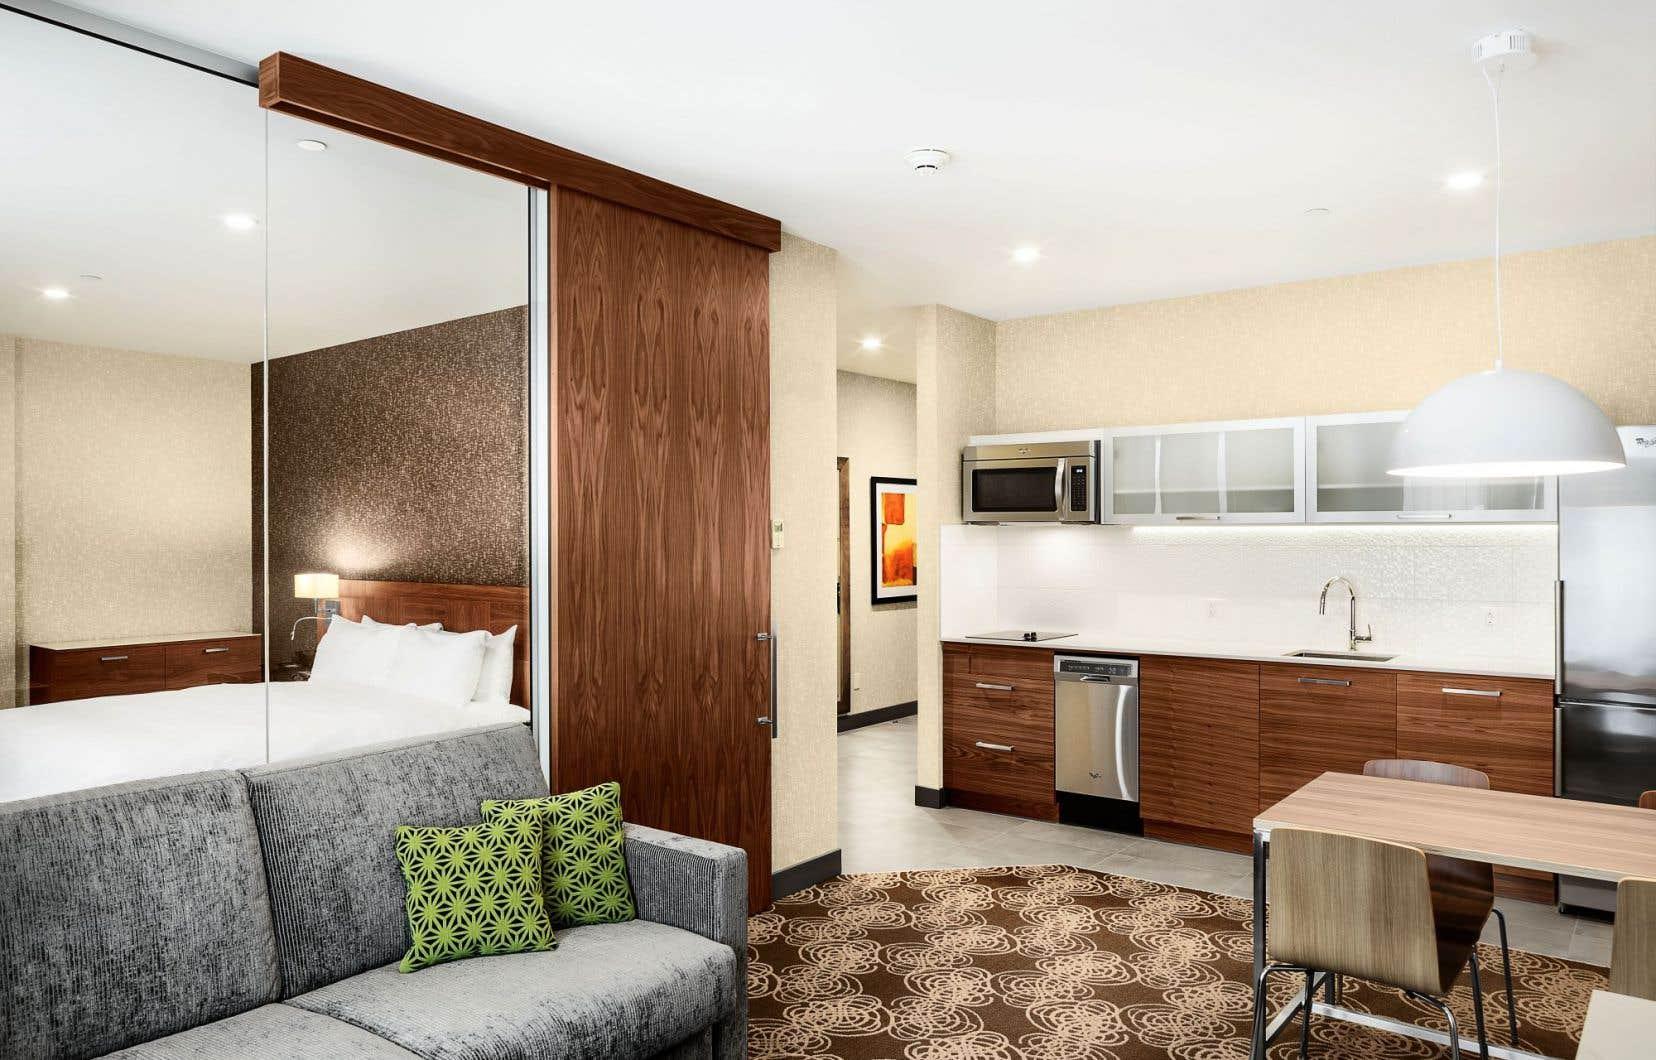 Nombre d'établissements hôteliers lavallois ont décidé de repenser leur offre en fonction de la nouvelle clientèle. Parmi eux, le Hilton, qui a fait le choix d'investir près de 8millions dans la rénovation de ses installations.